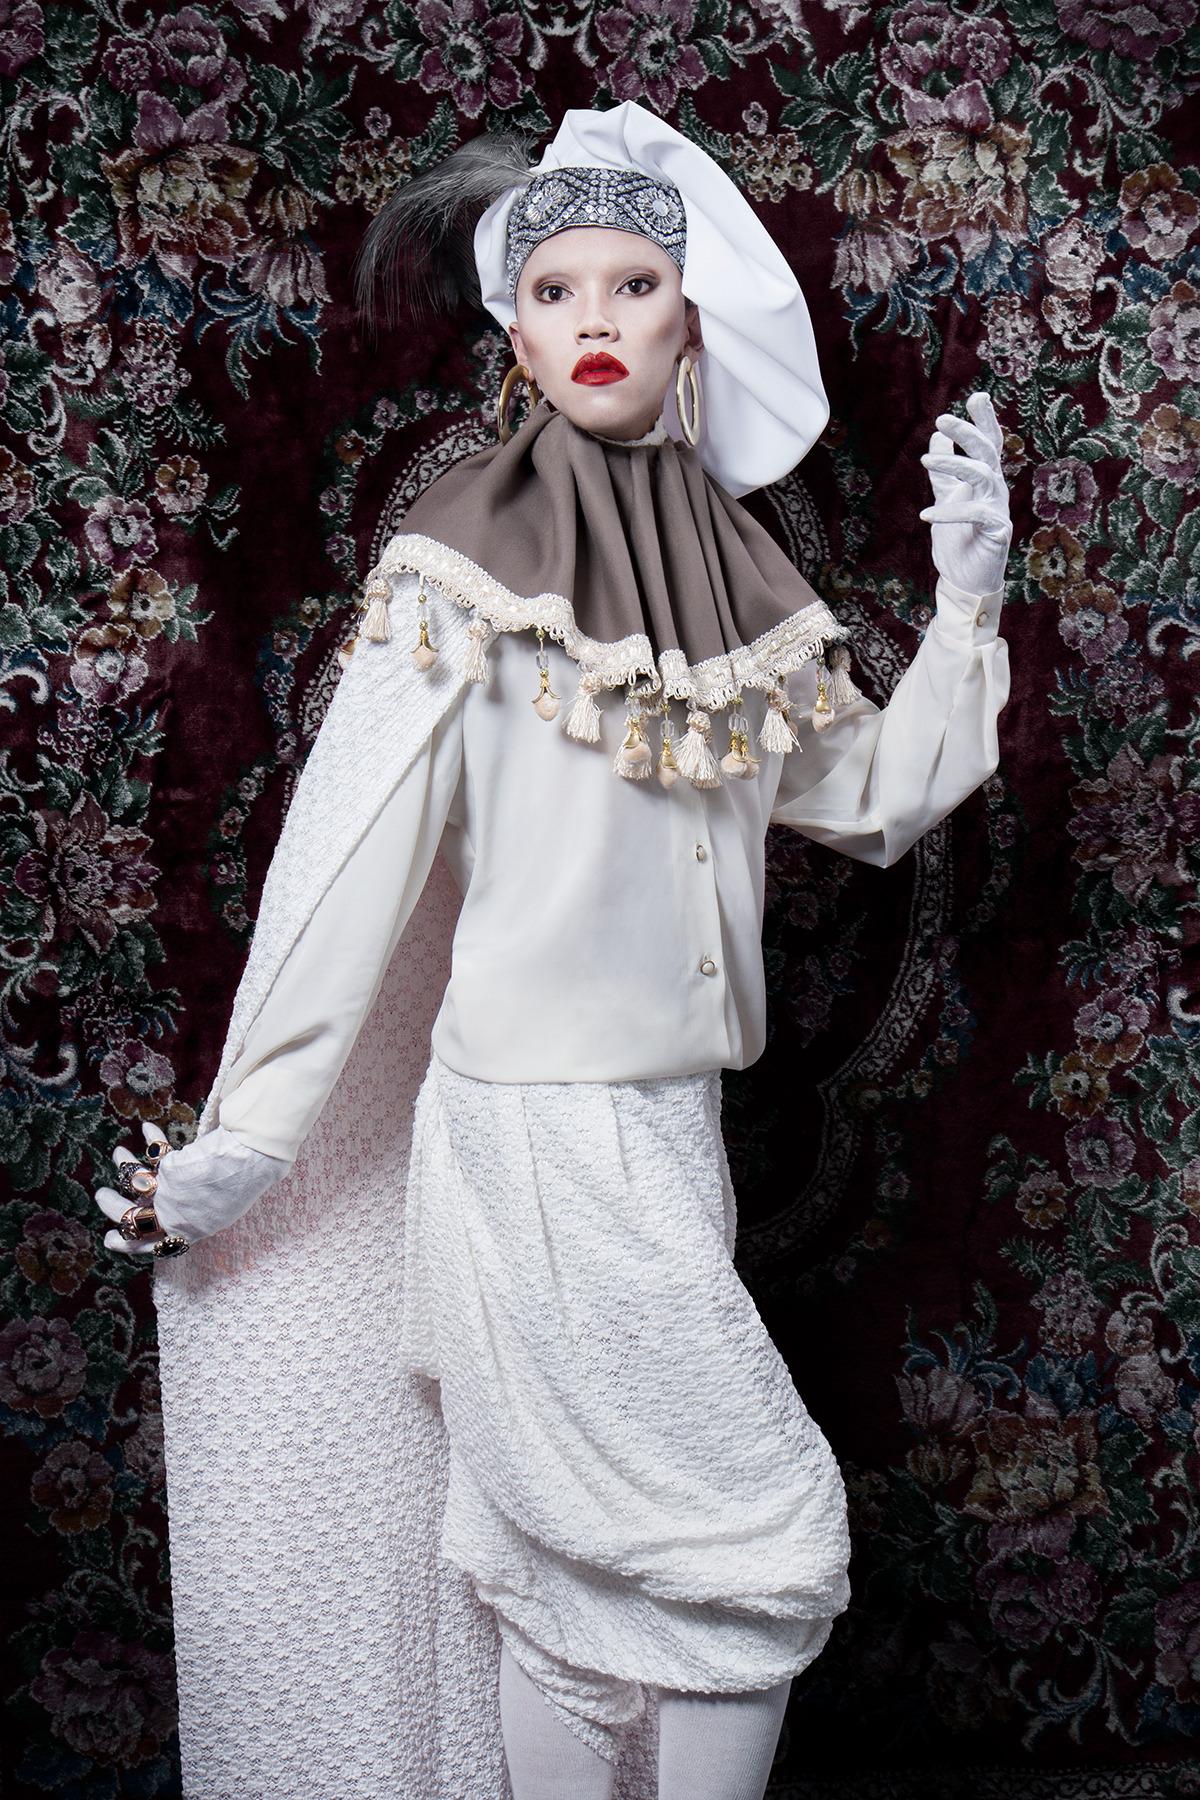 De Witte Piet for Volkskrant Weekeinde